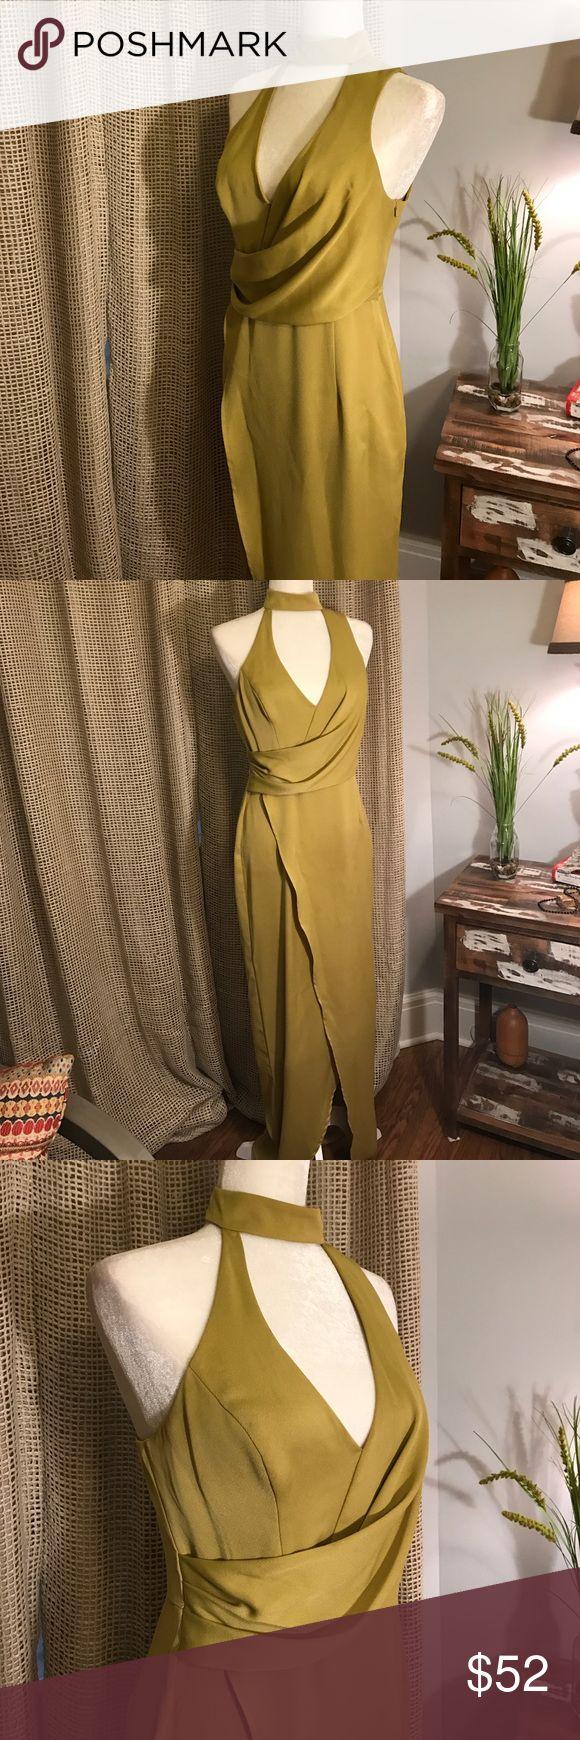 ASOS LONG DRESS ASOS LONG DRESS Size 6. Worn once to an evening wedding. Beautiful green color with choker neck. ASOS Dresses Maxi